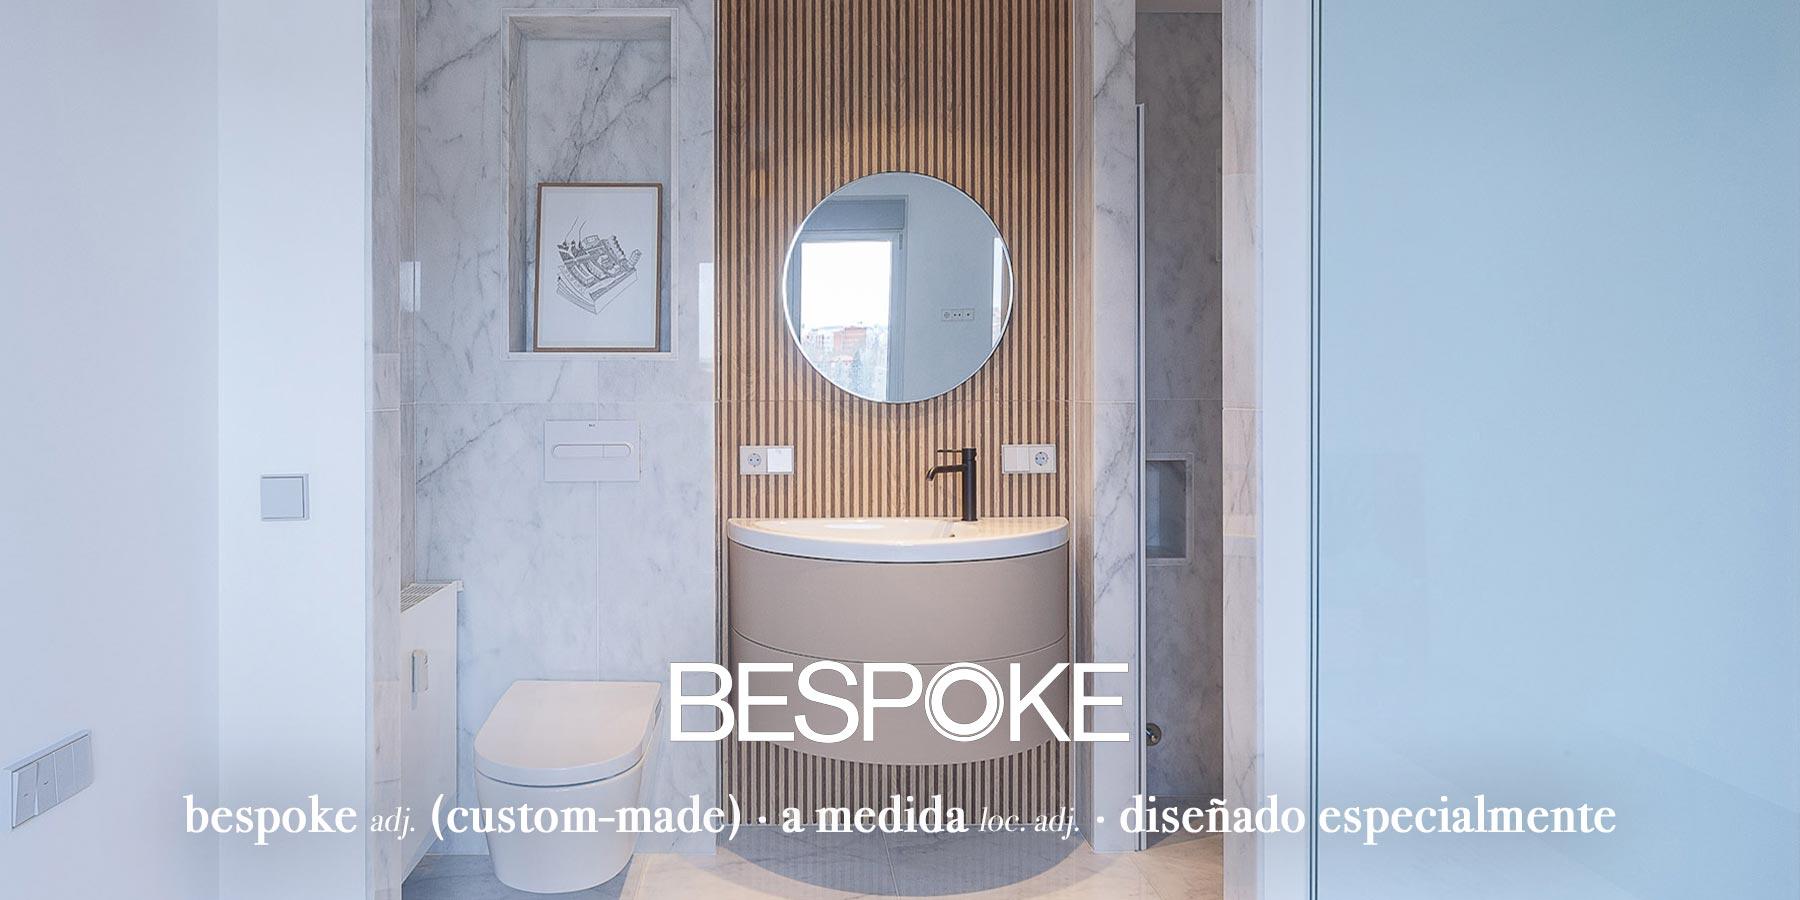 HOME_BESPOKE_APERO APARTMENT_02